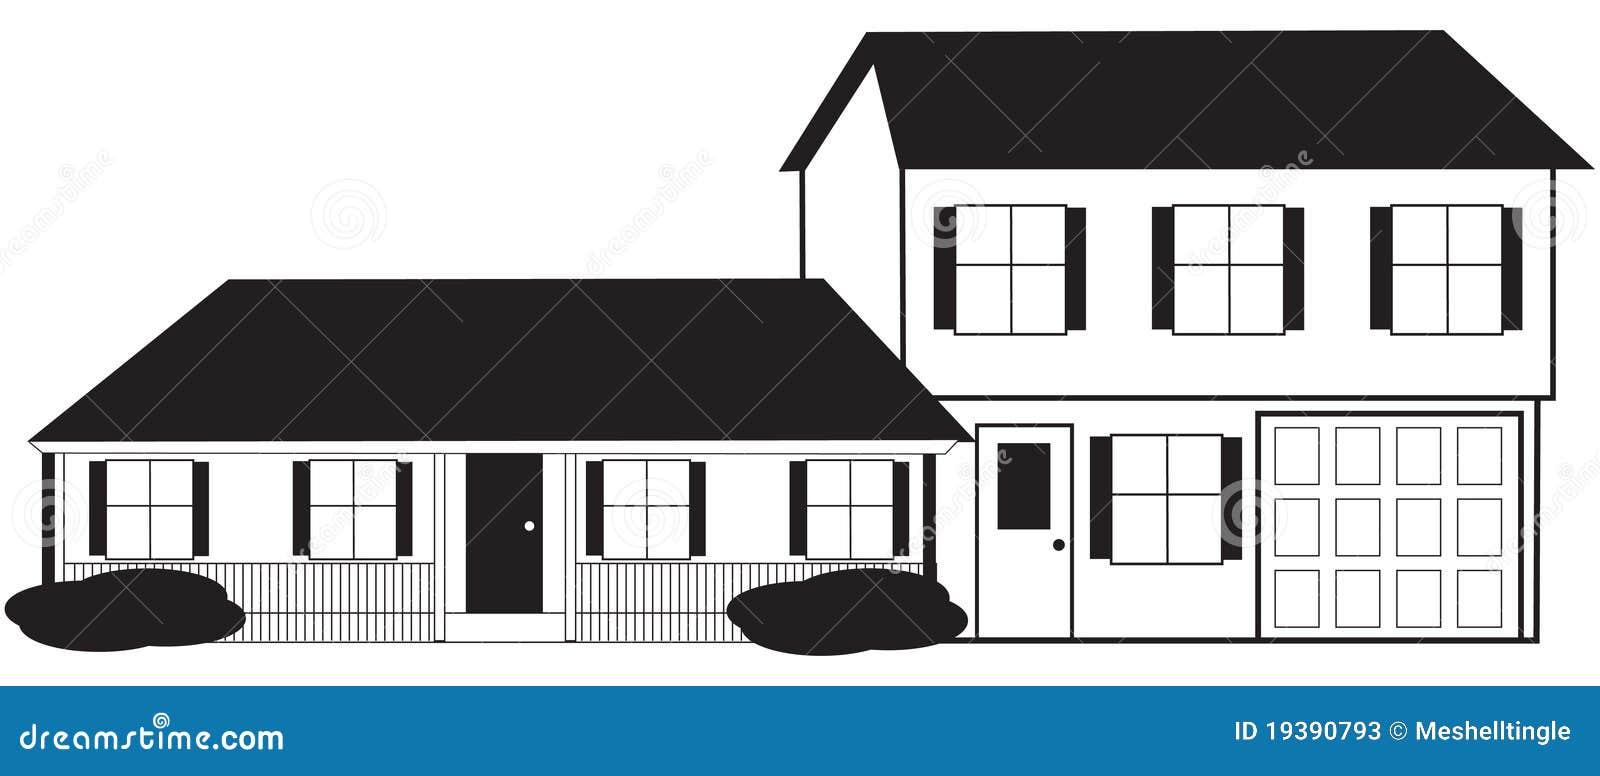 aufgeteilte waagerecht ausgerichtete haus skizze mit stockfotos bild 19390793. Black Bedroom Furniture Sets. Home Design Ideas